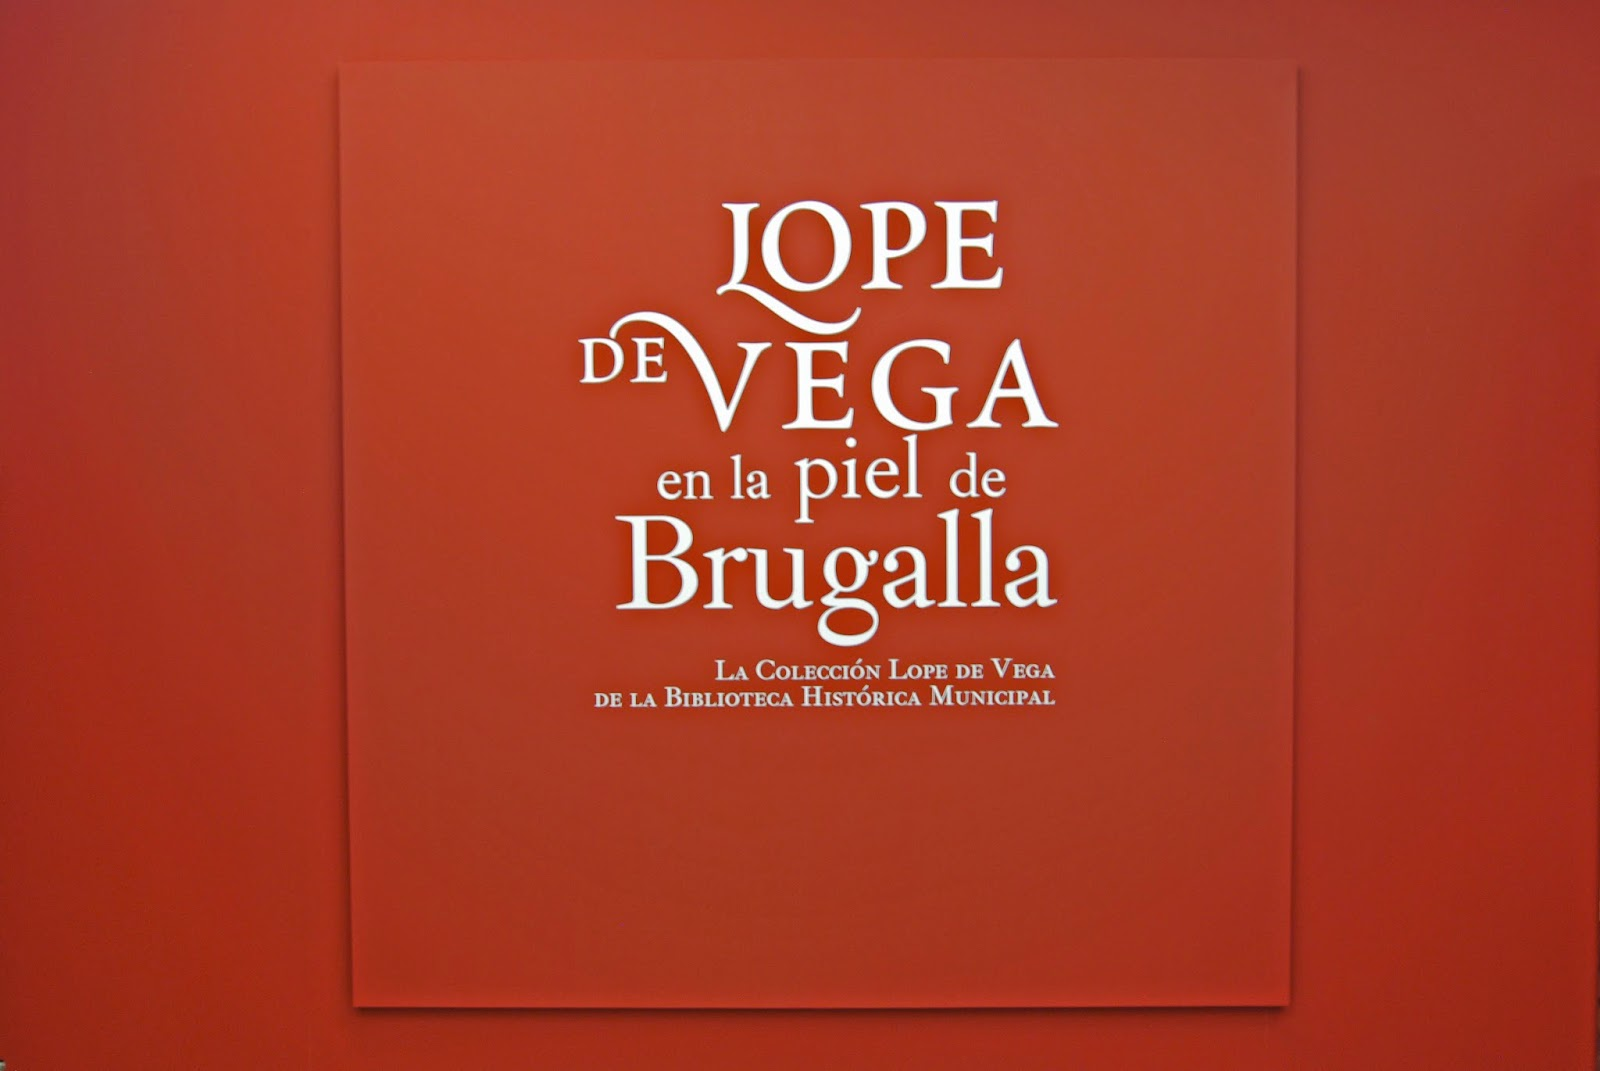 Lope de Vega en la piel de Brugalla